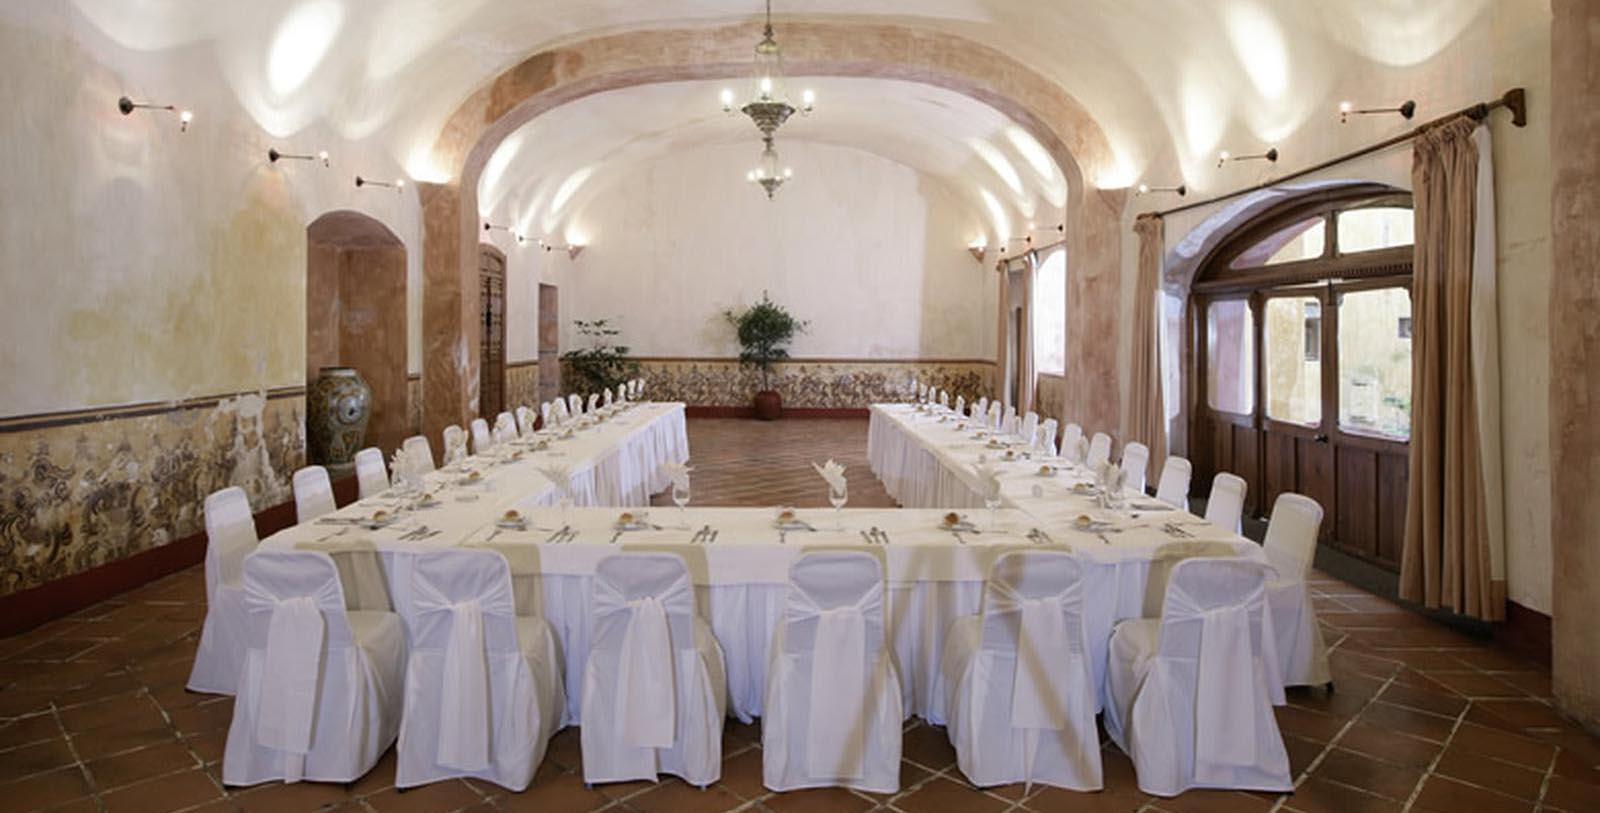 Image of Event Space Quinta Real Puebla, 1593, Member of Historic Hotels Worldwide, in Puebla de Zaragoza, Mexico, Experience